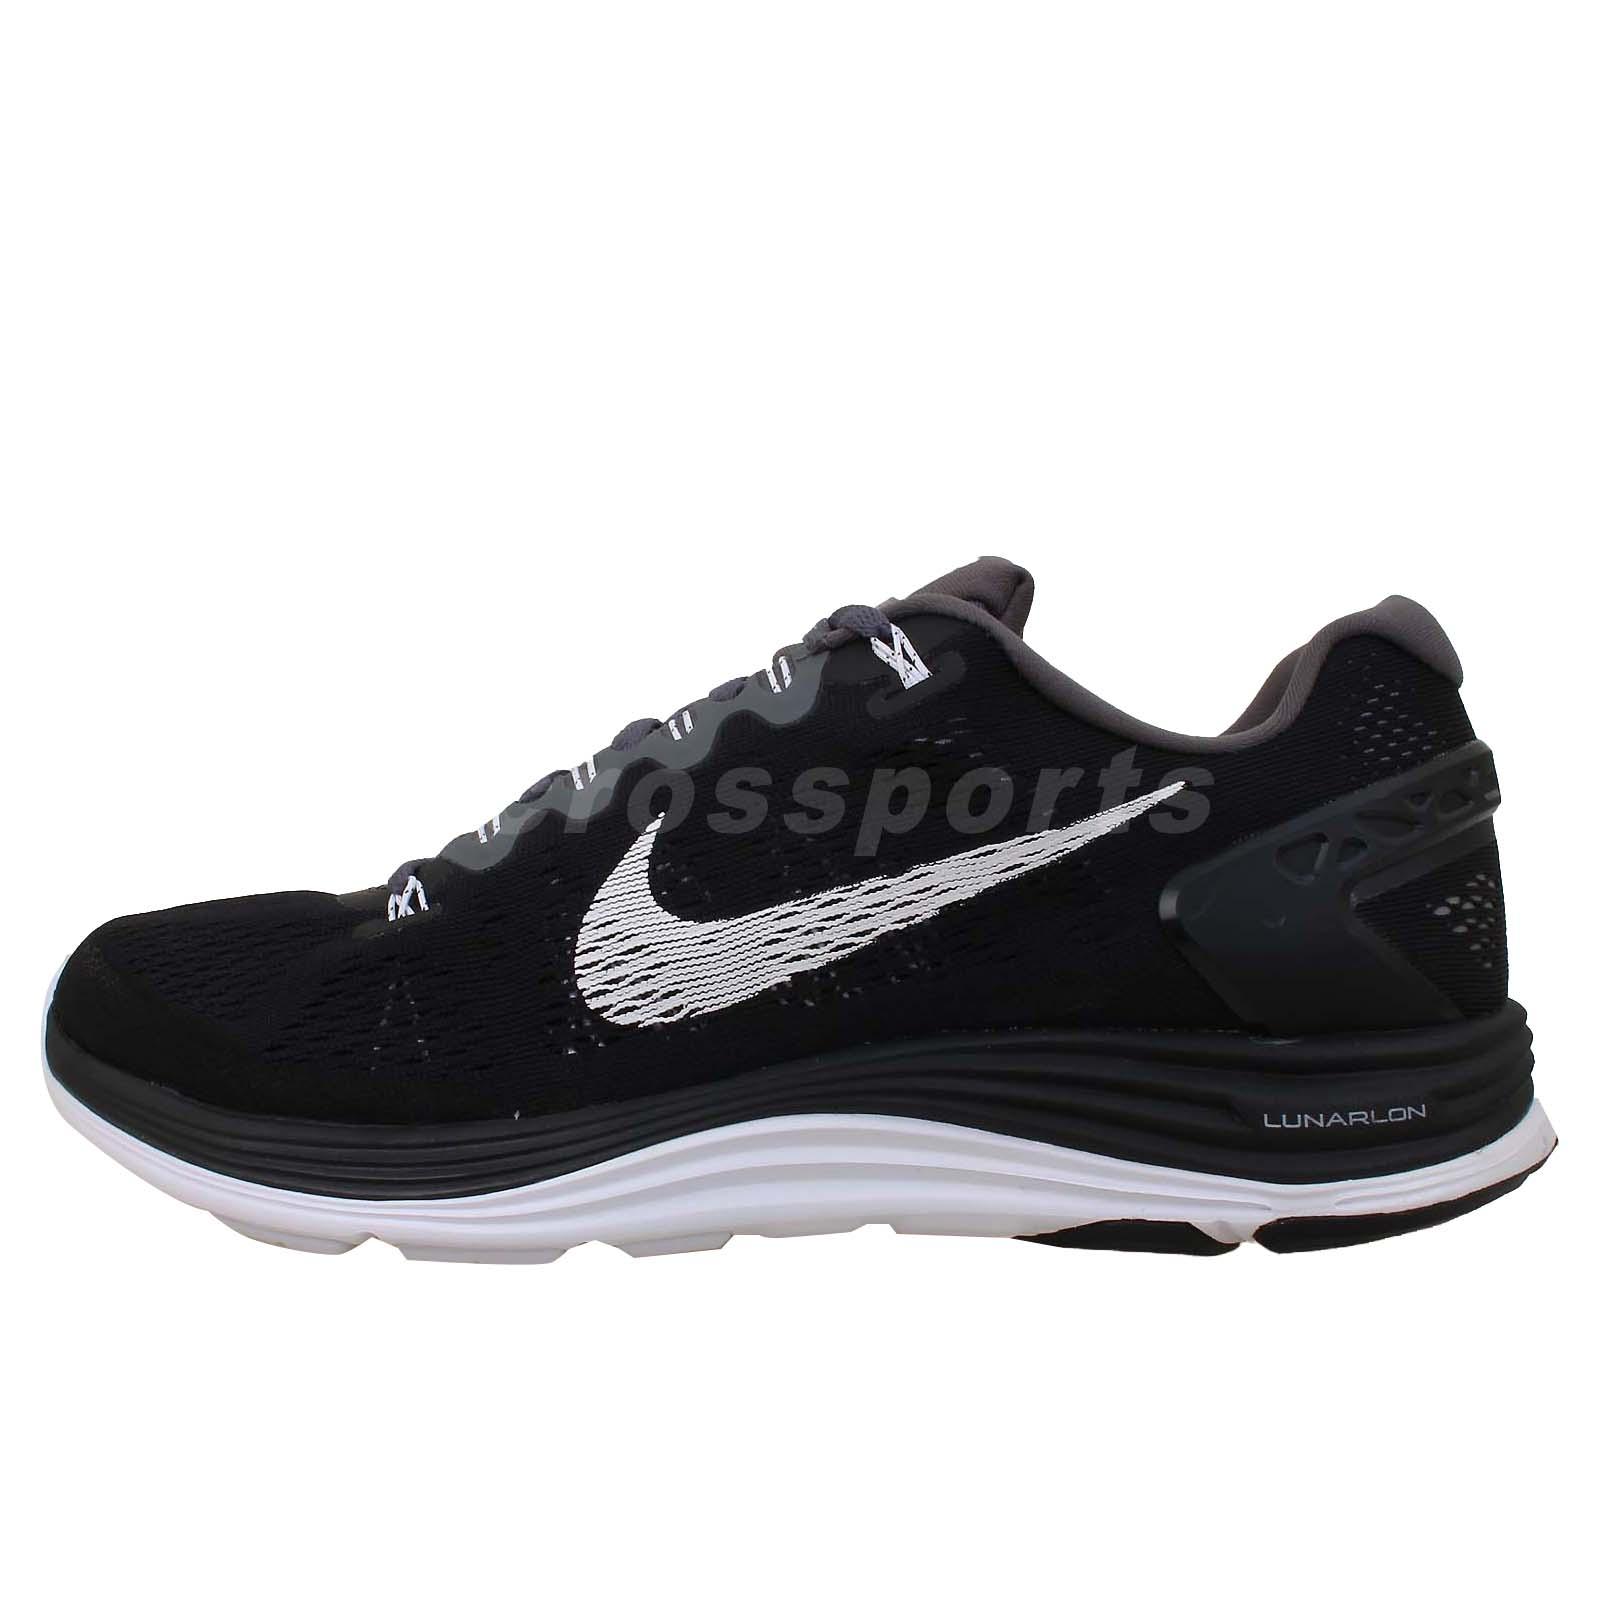 Nike Lunarglide 5 V 2013 Mens Running Shoes Lunarlon ...